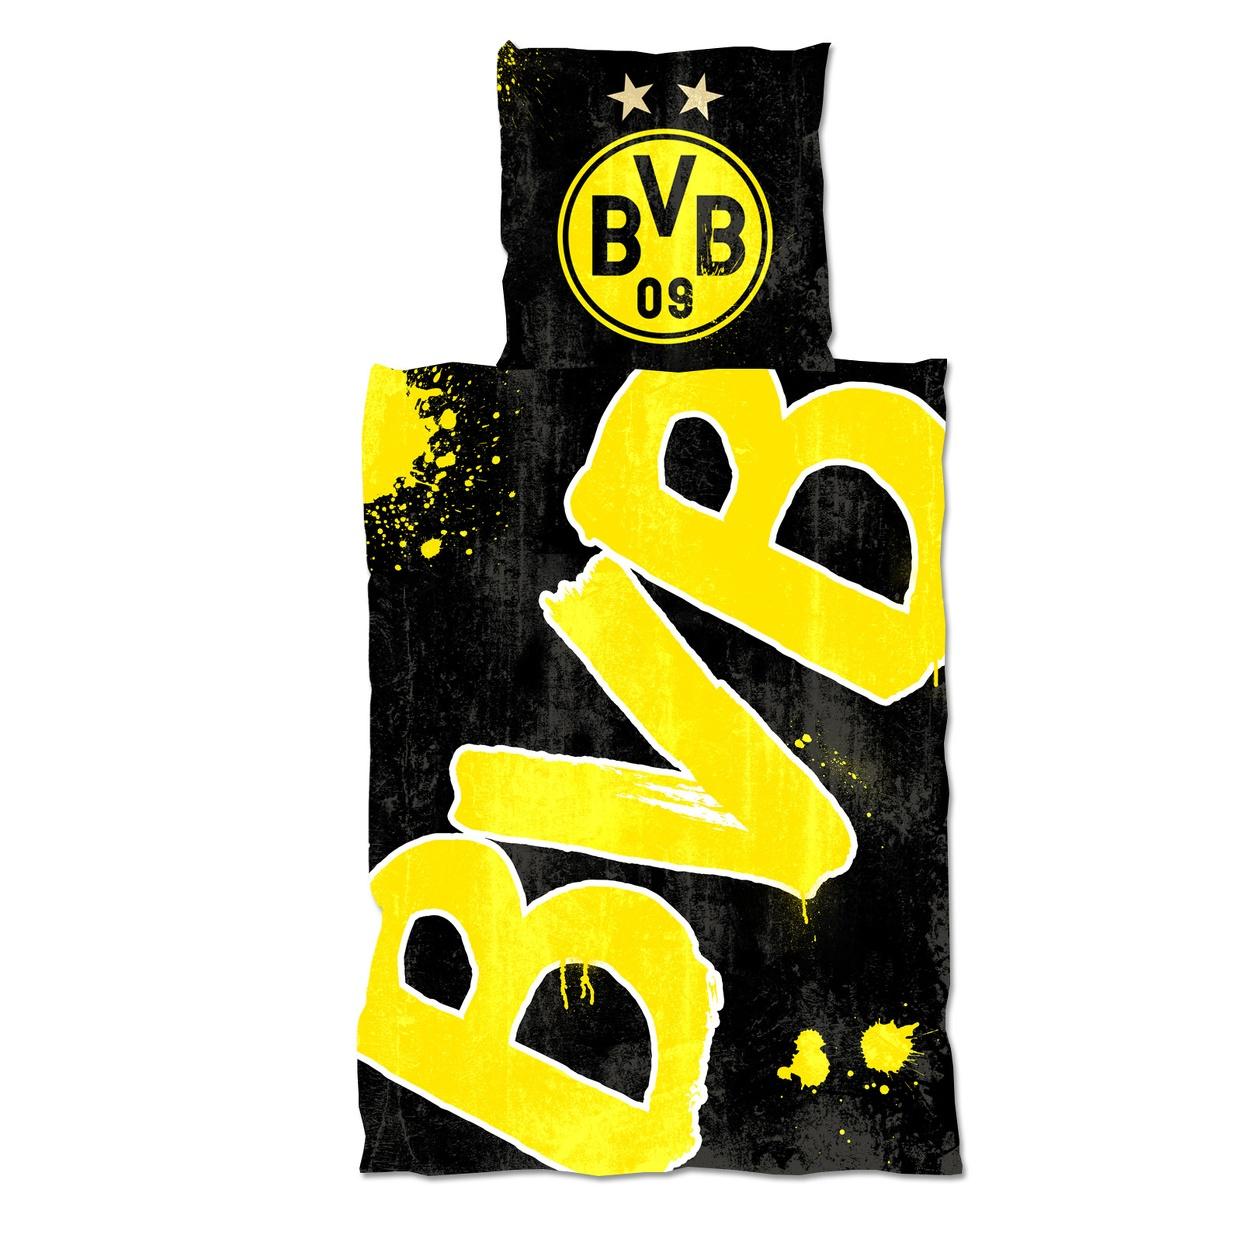 BVB-Bettwaesche-Bettbezug-Spannbettlaken-Borussia-Dortmund Indexbild 6